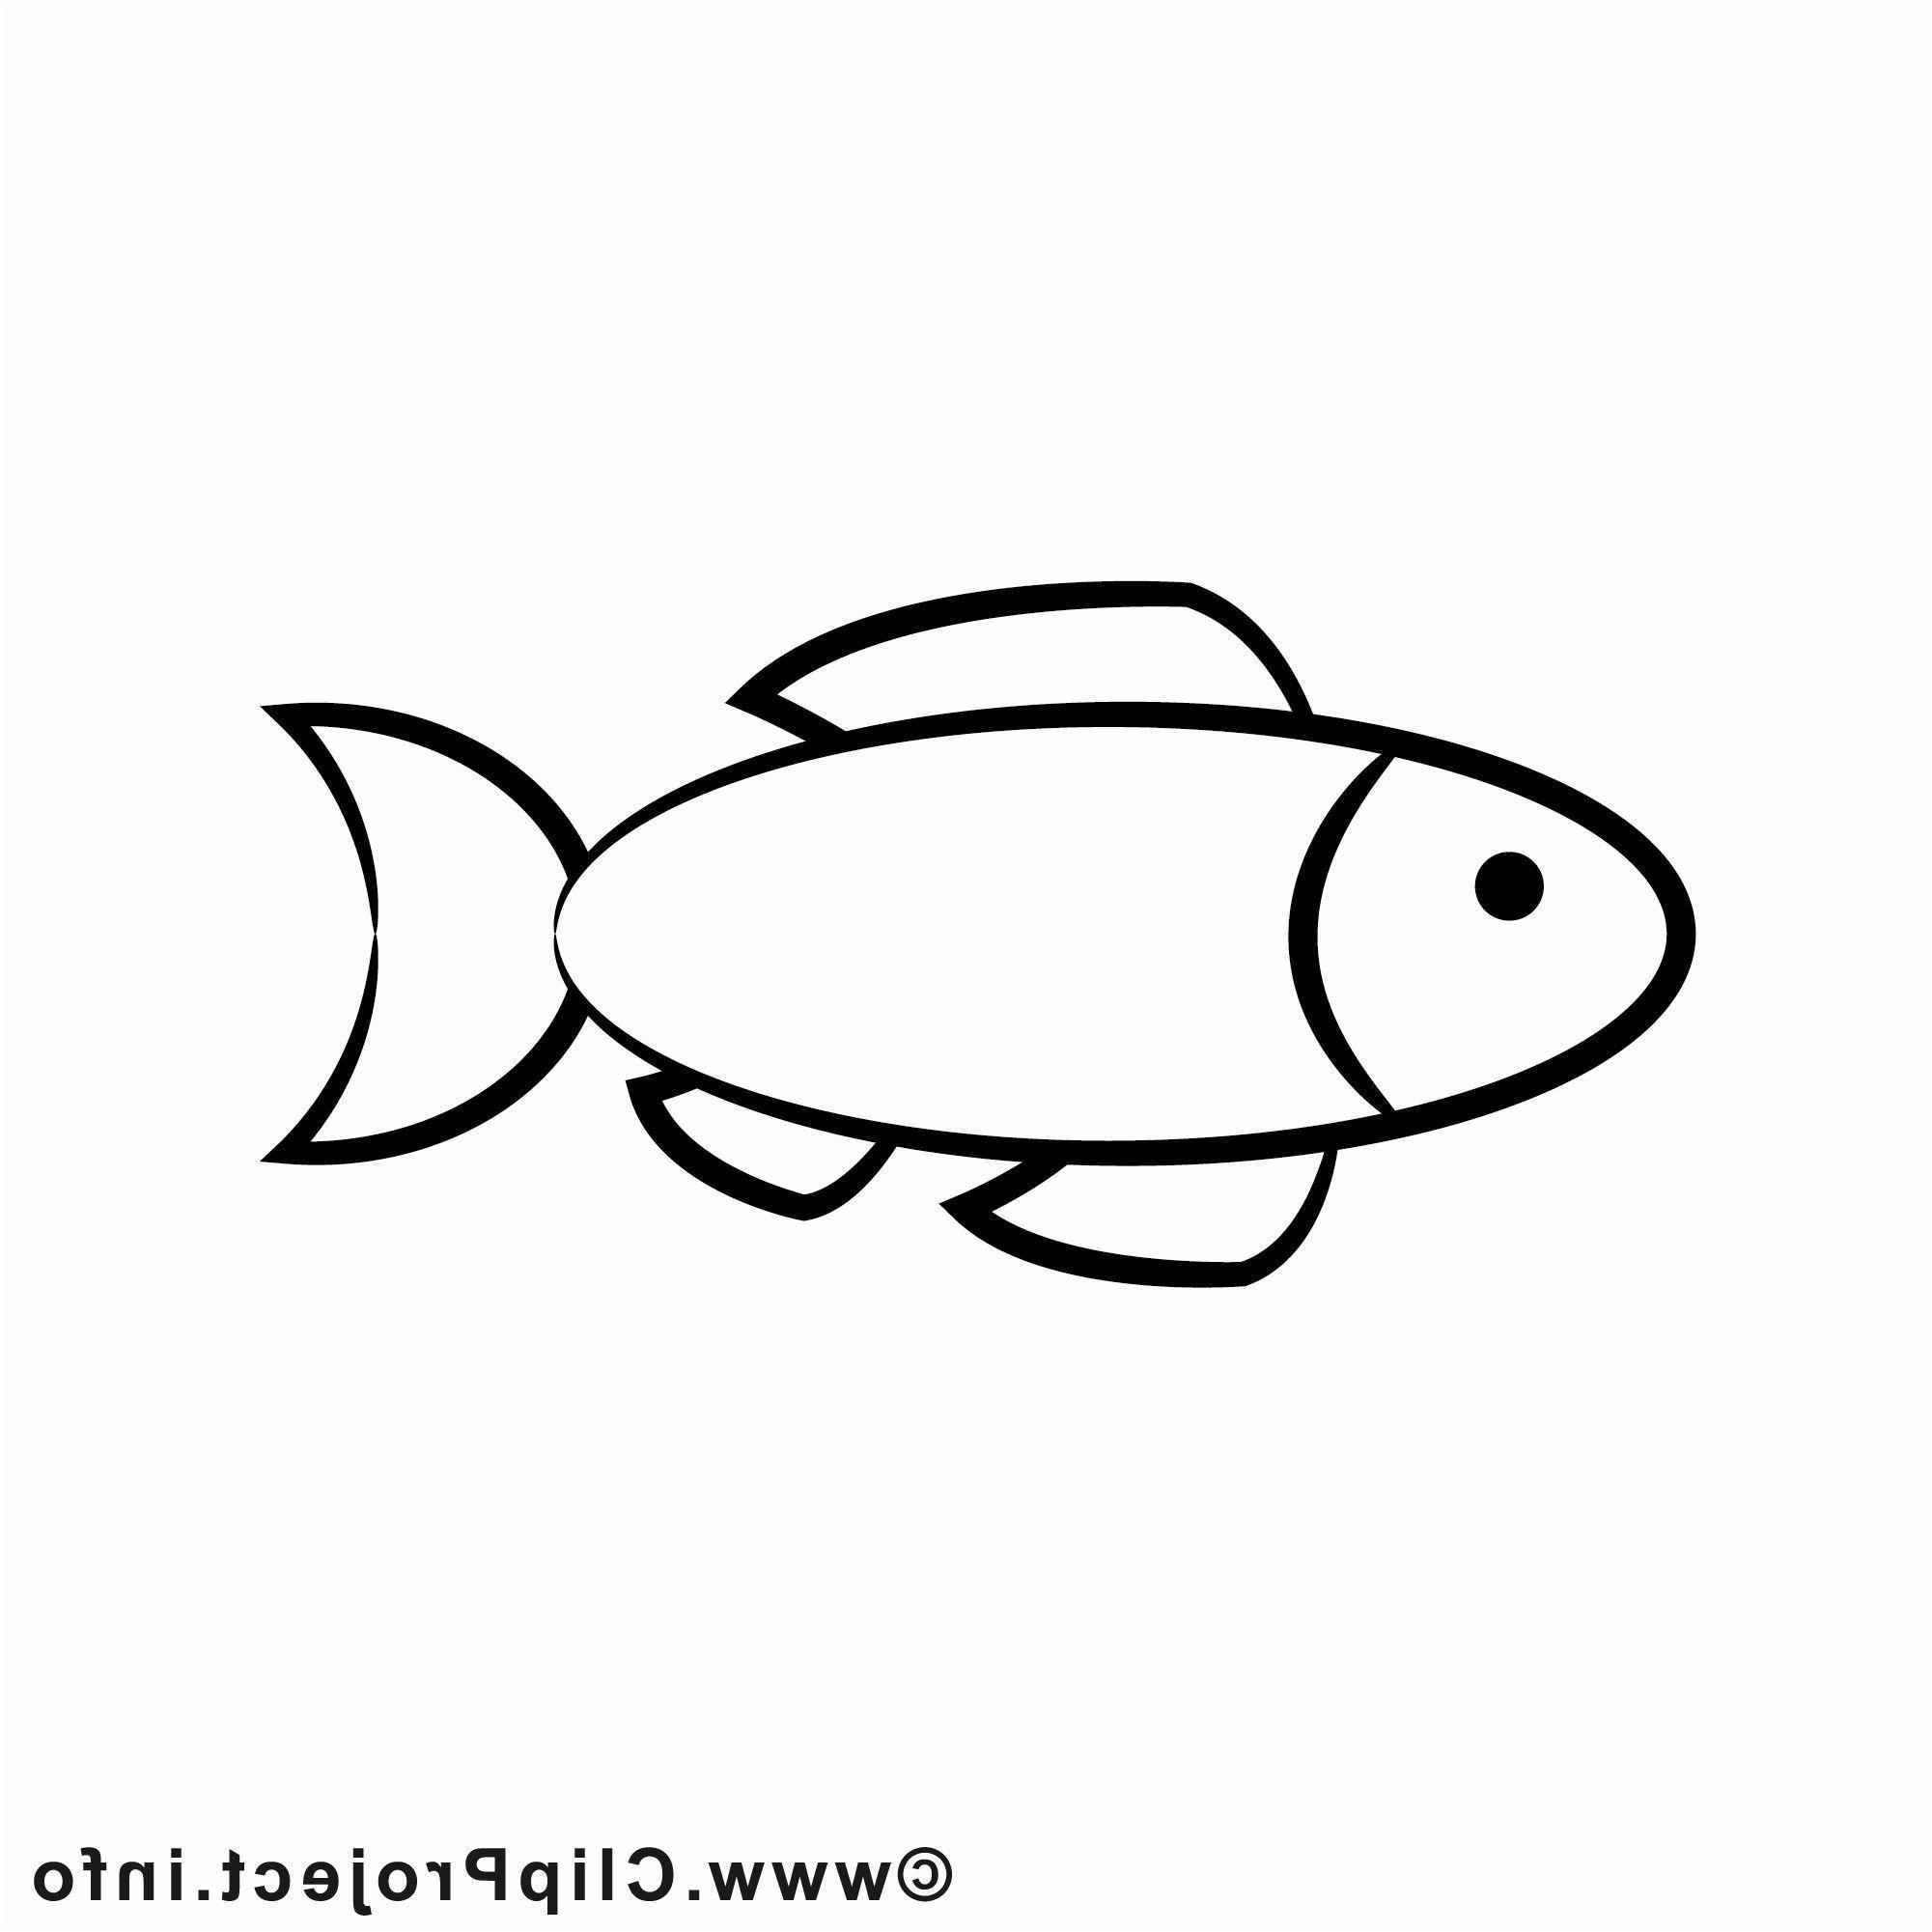 unique fische vorlagen  fisch vorlage fische vorlagen